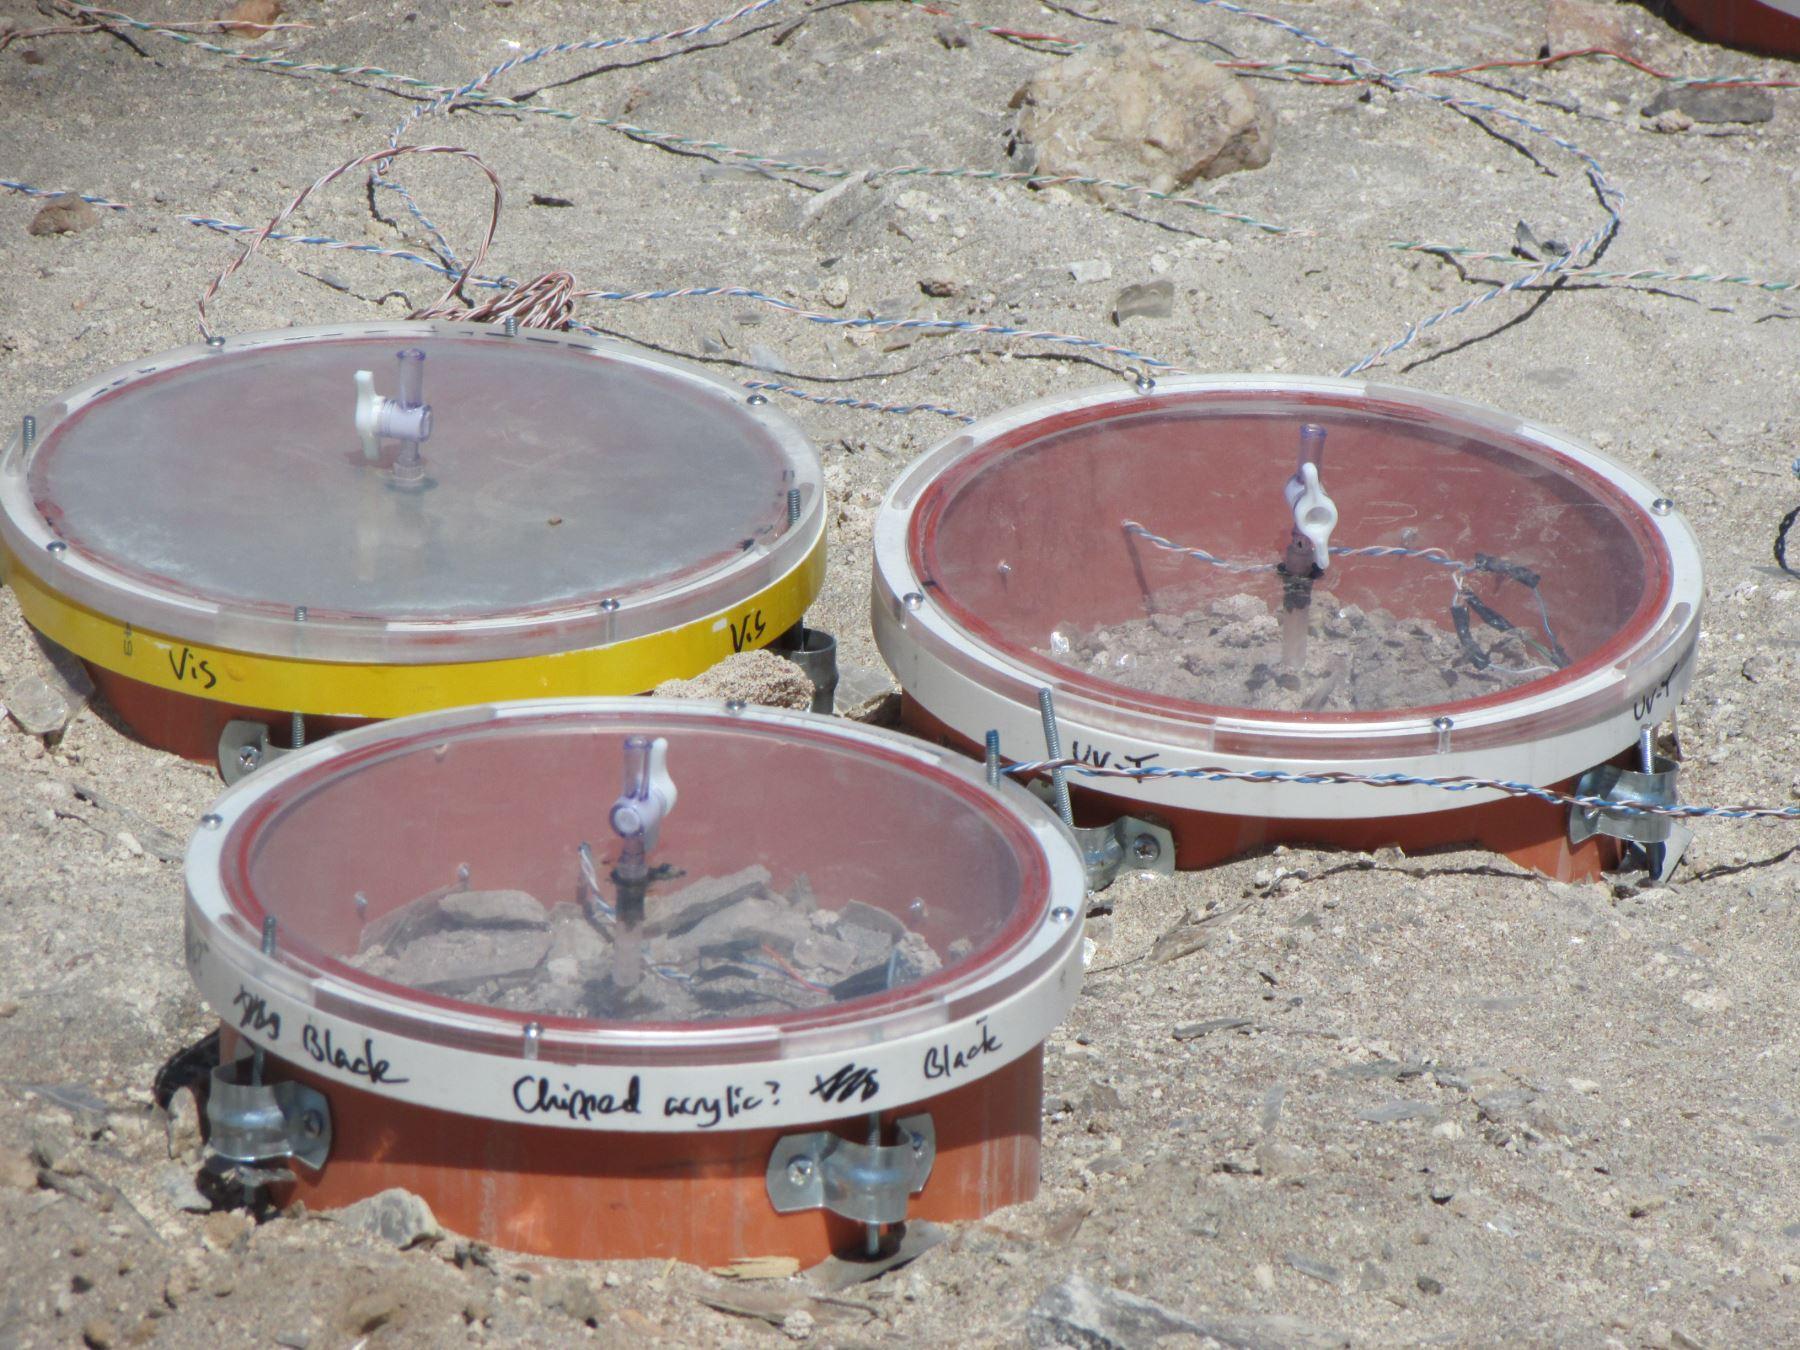 Diversos instrumentos y materiales son colocados en el desierto. Foto: Cortesía/Universidad Católica San Pablo de Arequipa